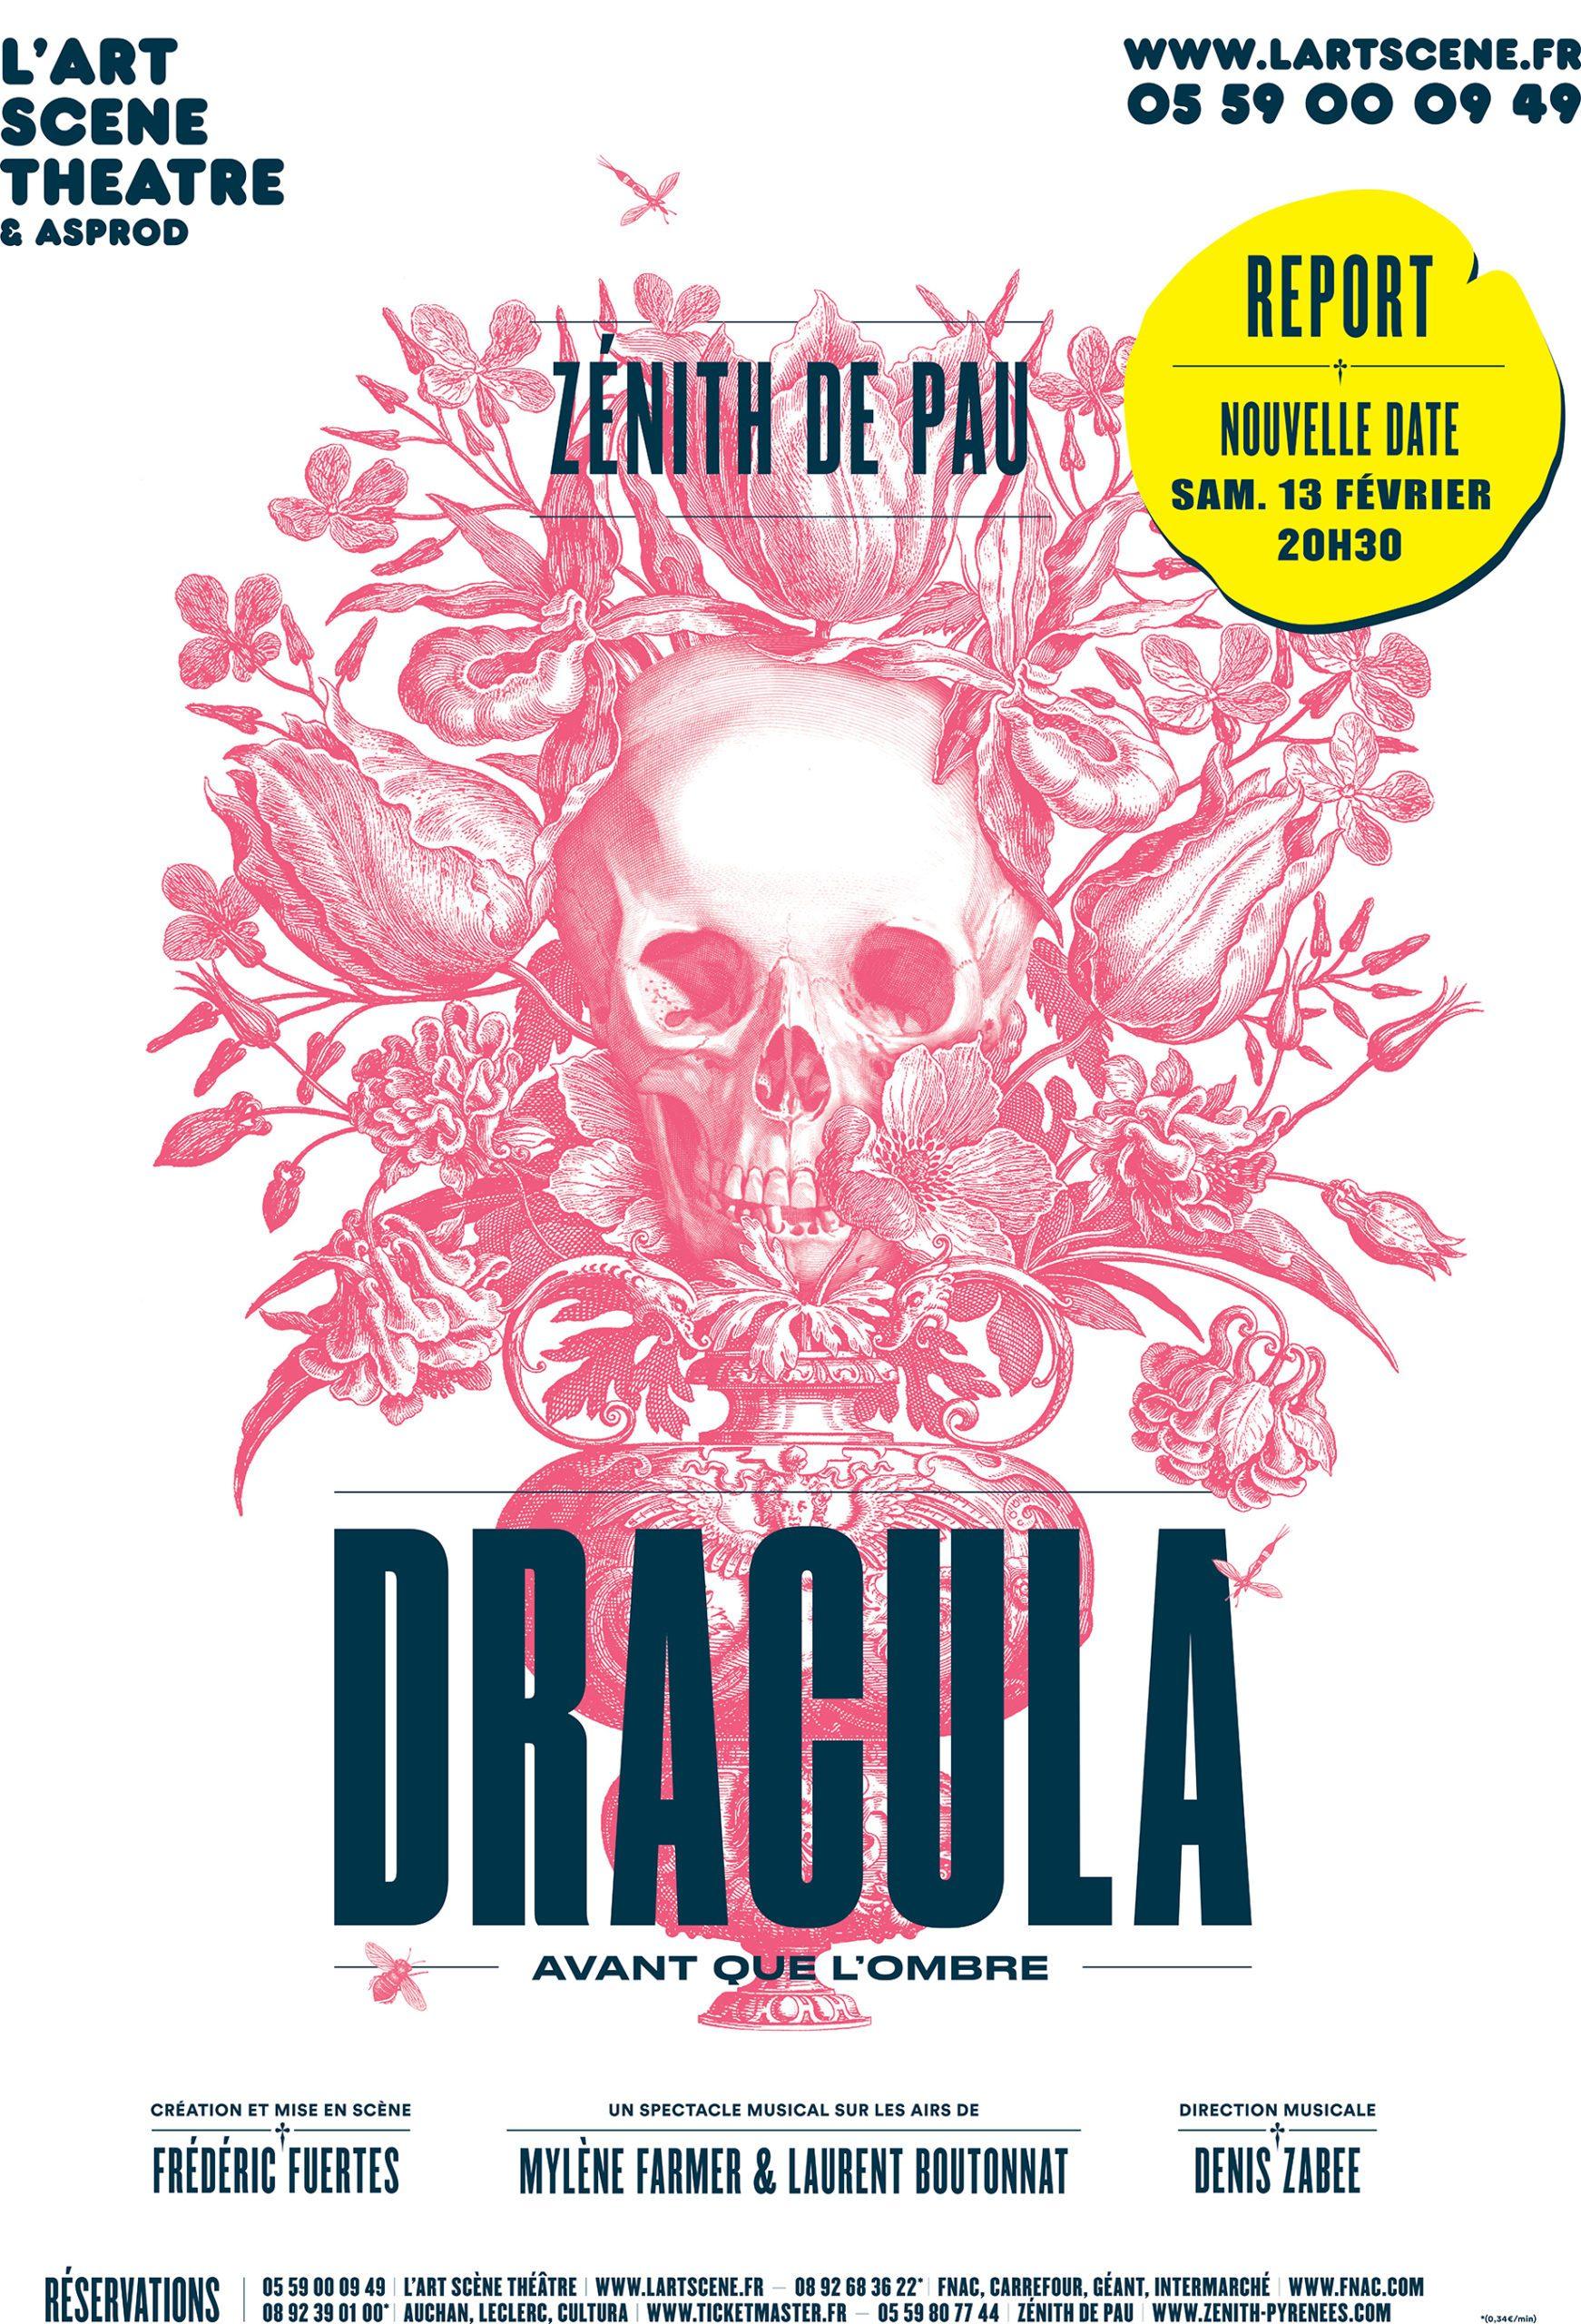 //www.lartscene.fr/wp-content/uploads/2020/08/Dracula-Février2-scaled.jpg